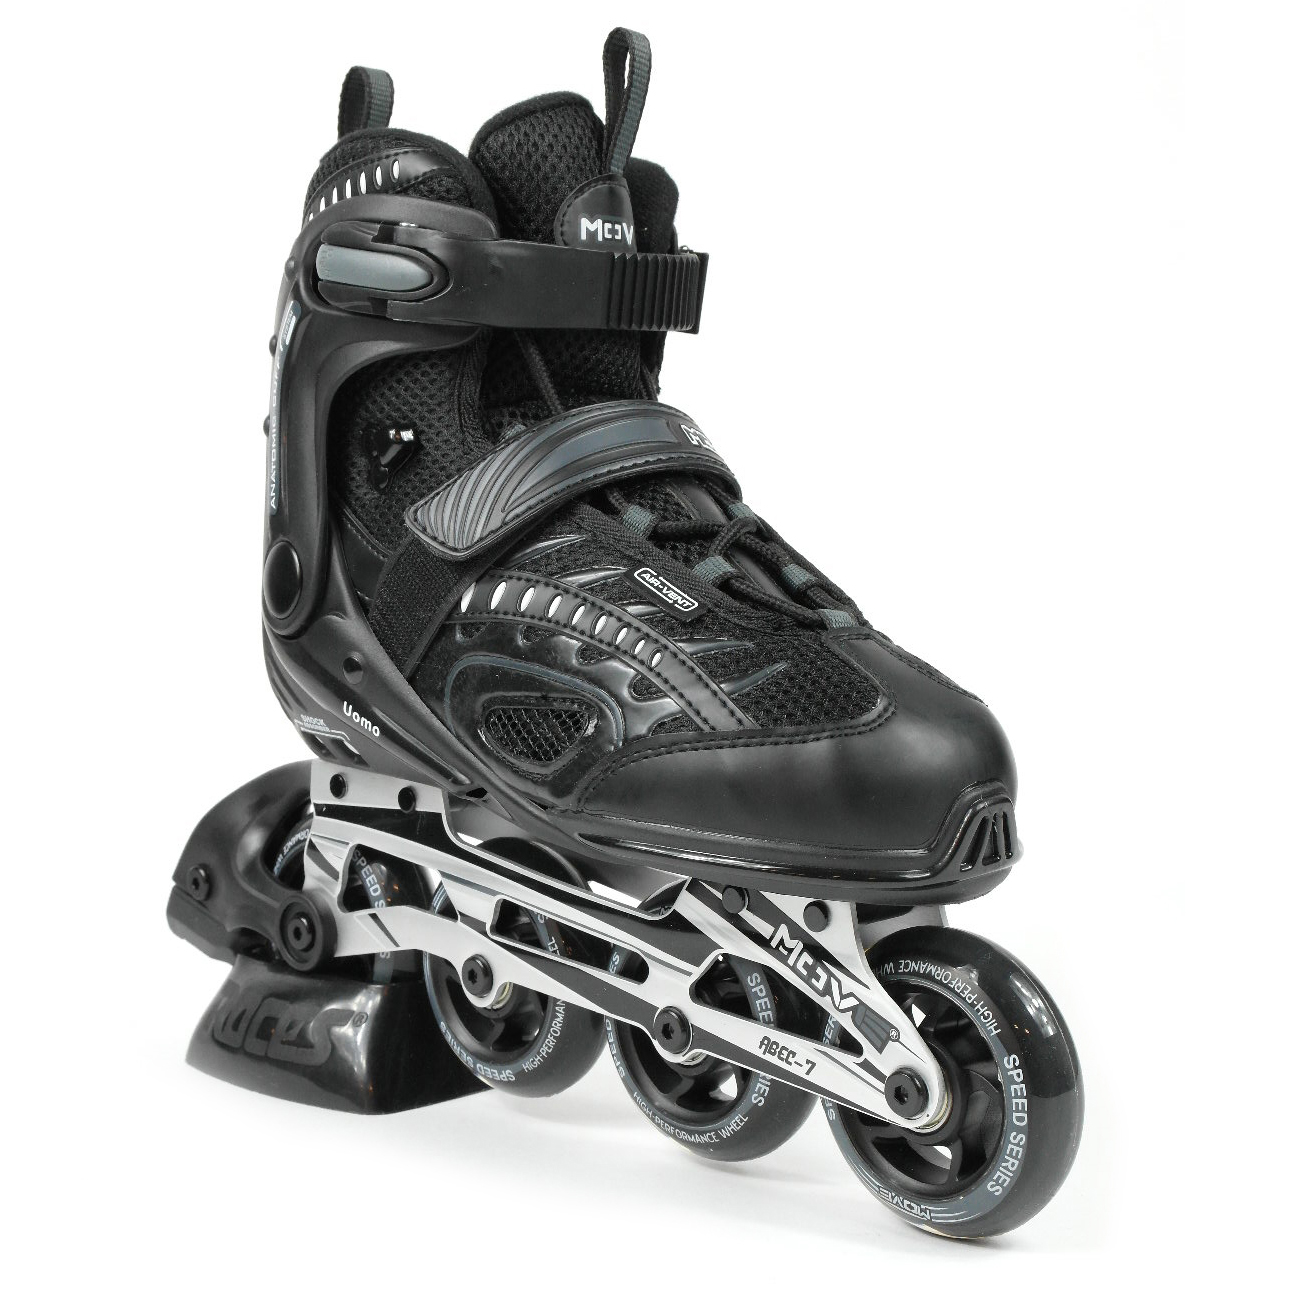 5d8e7db26f7 Uomo skeelercomfortabele inline skate voor heren en dames in het zwart, de  move uomo unisex